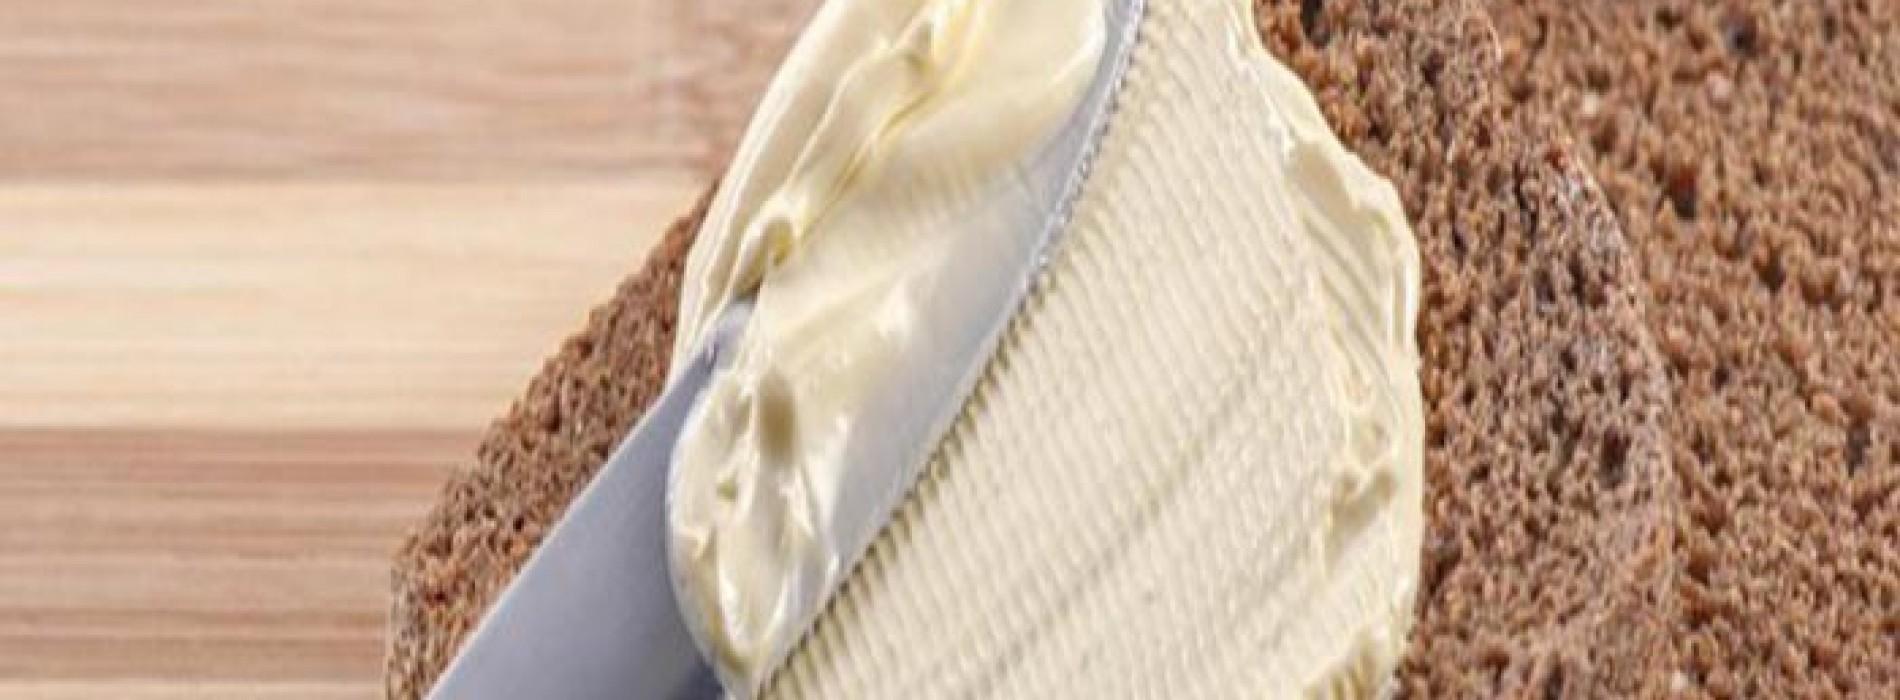 Opgelet: emulgatoren in margarine en ijs gelinkt aan ziekte van Crohn en andere ontstekingsziekten